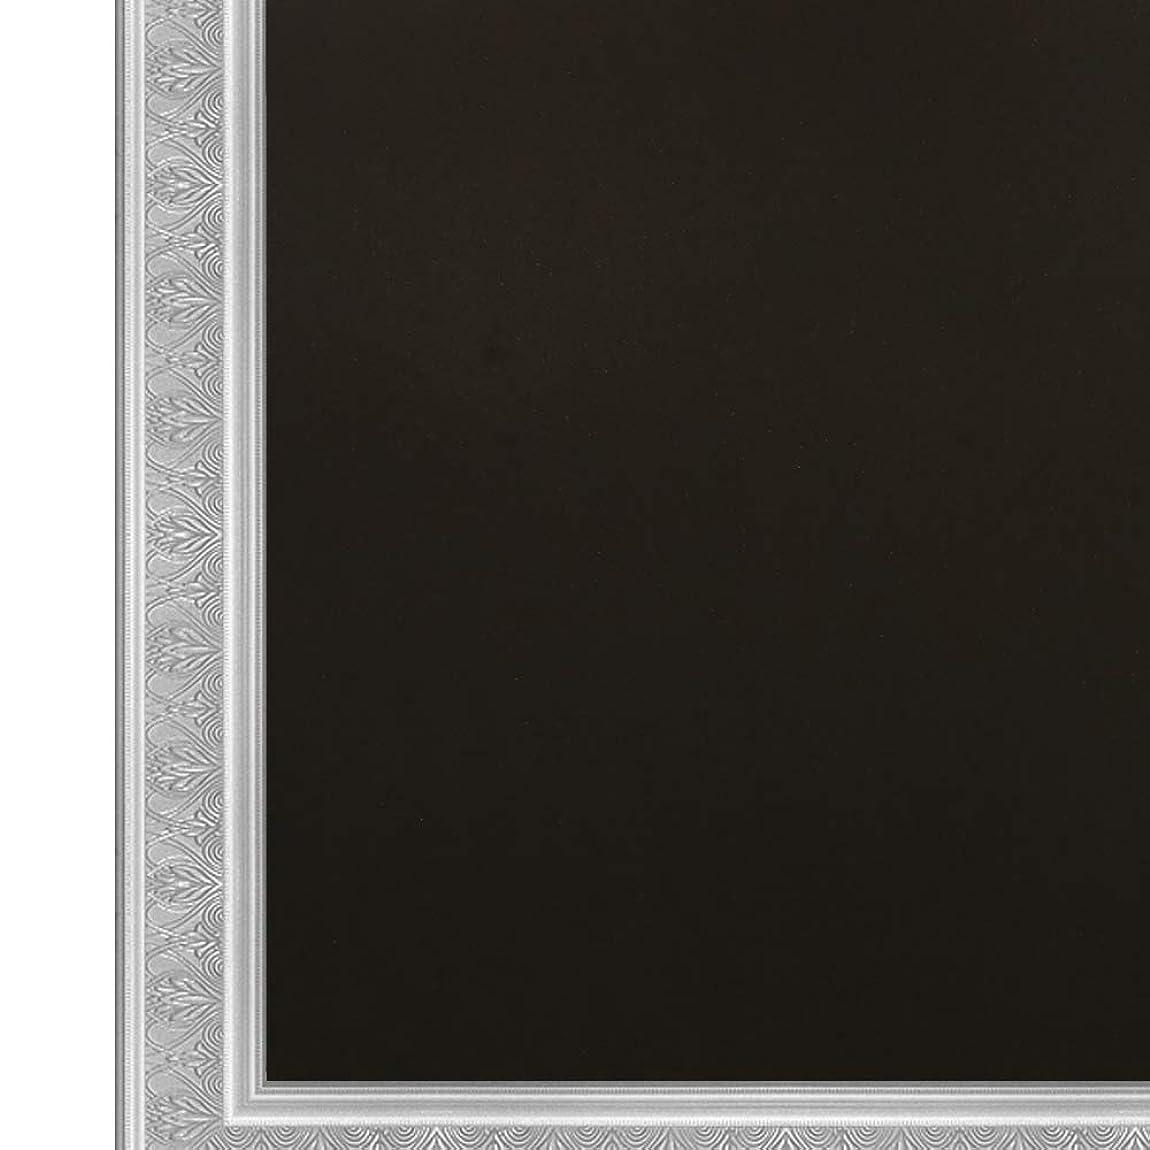 検索エンジンマーケティング窓を洗うぴったりKTJ 窓用フィルム 2D窓飾りフィルム すりガラス調 目隠しシート 窓ガラス 断熱フィルム 断熱材 T151H ガラス飛散防止 UVカット ブラック 奥行200×幅90cm